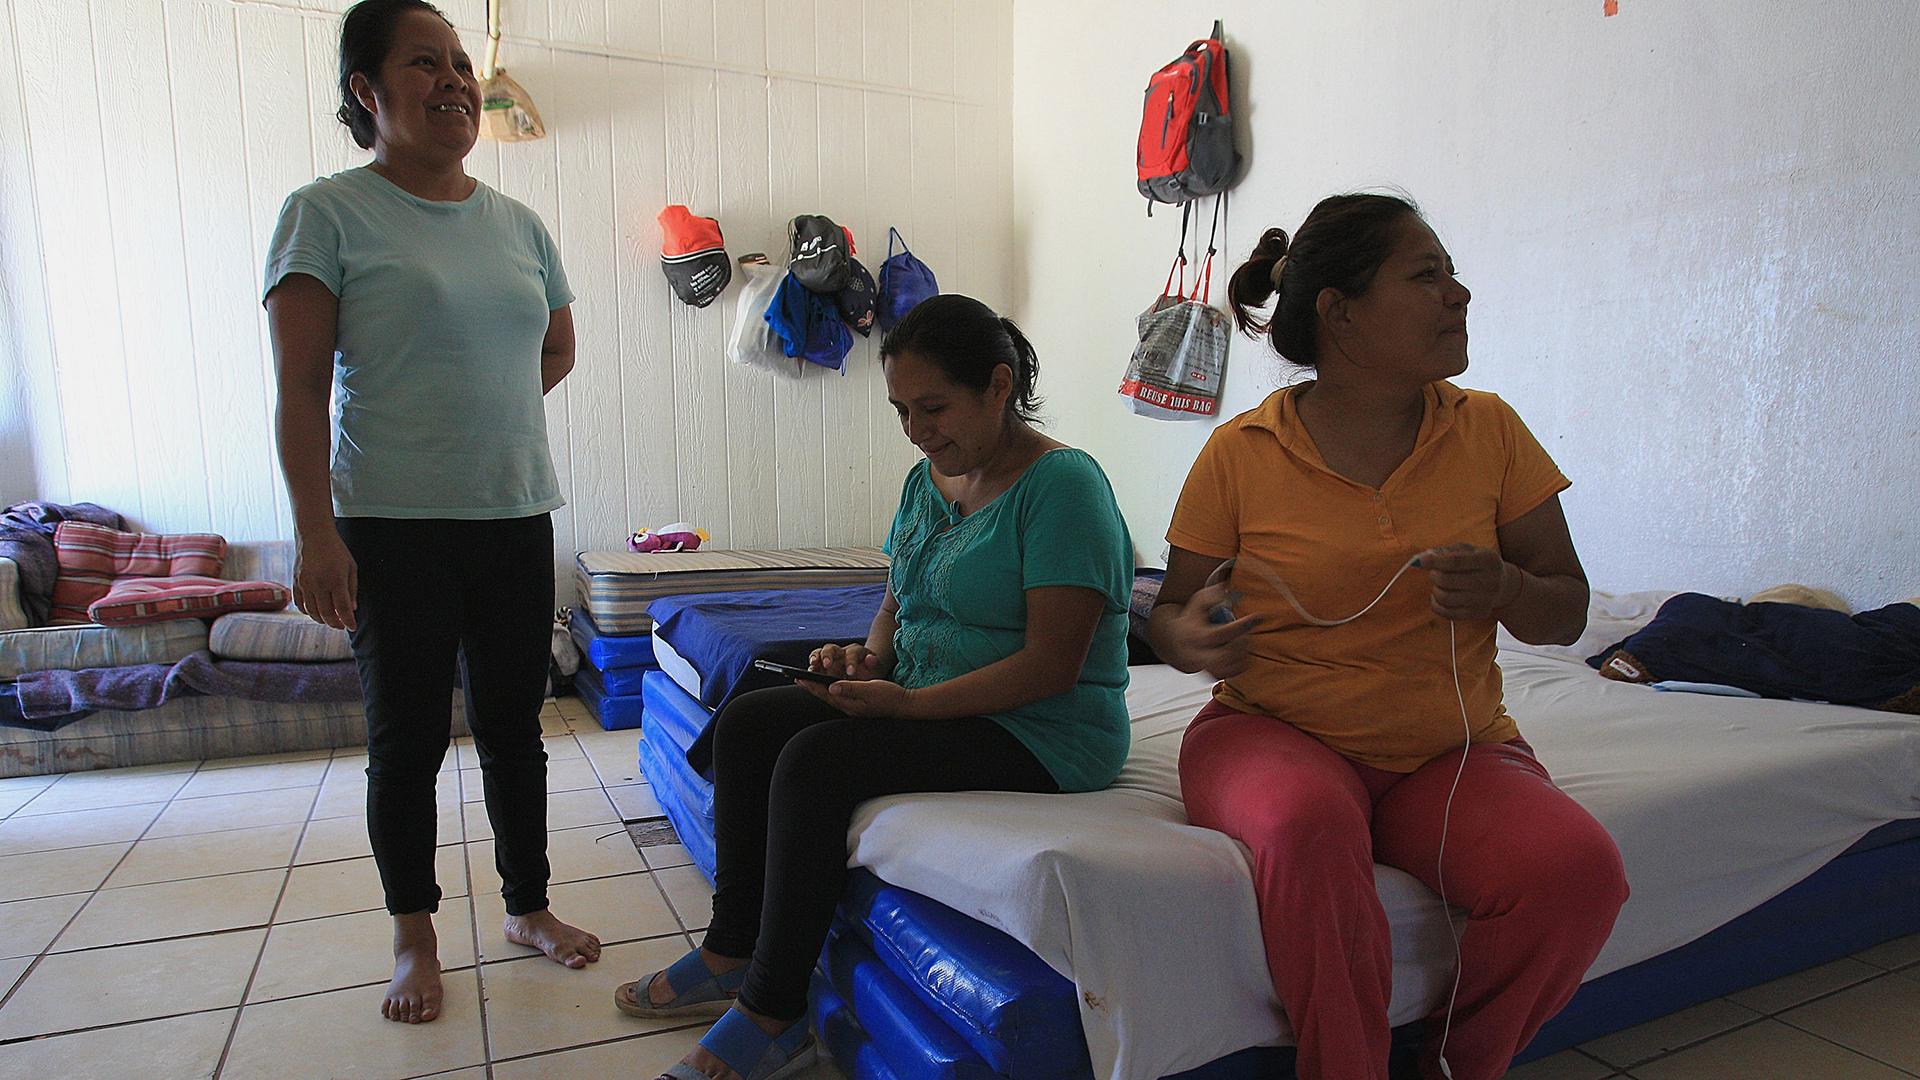 México llega al Día del Refugiado con número histórico de solicitantes de asilo